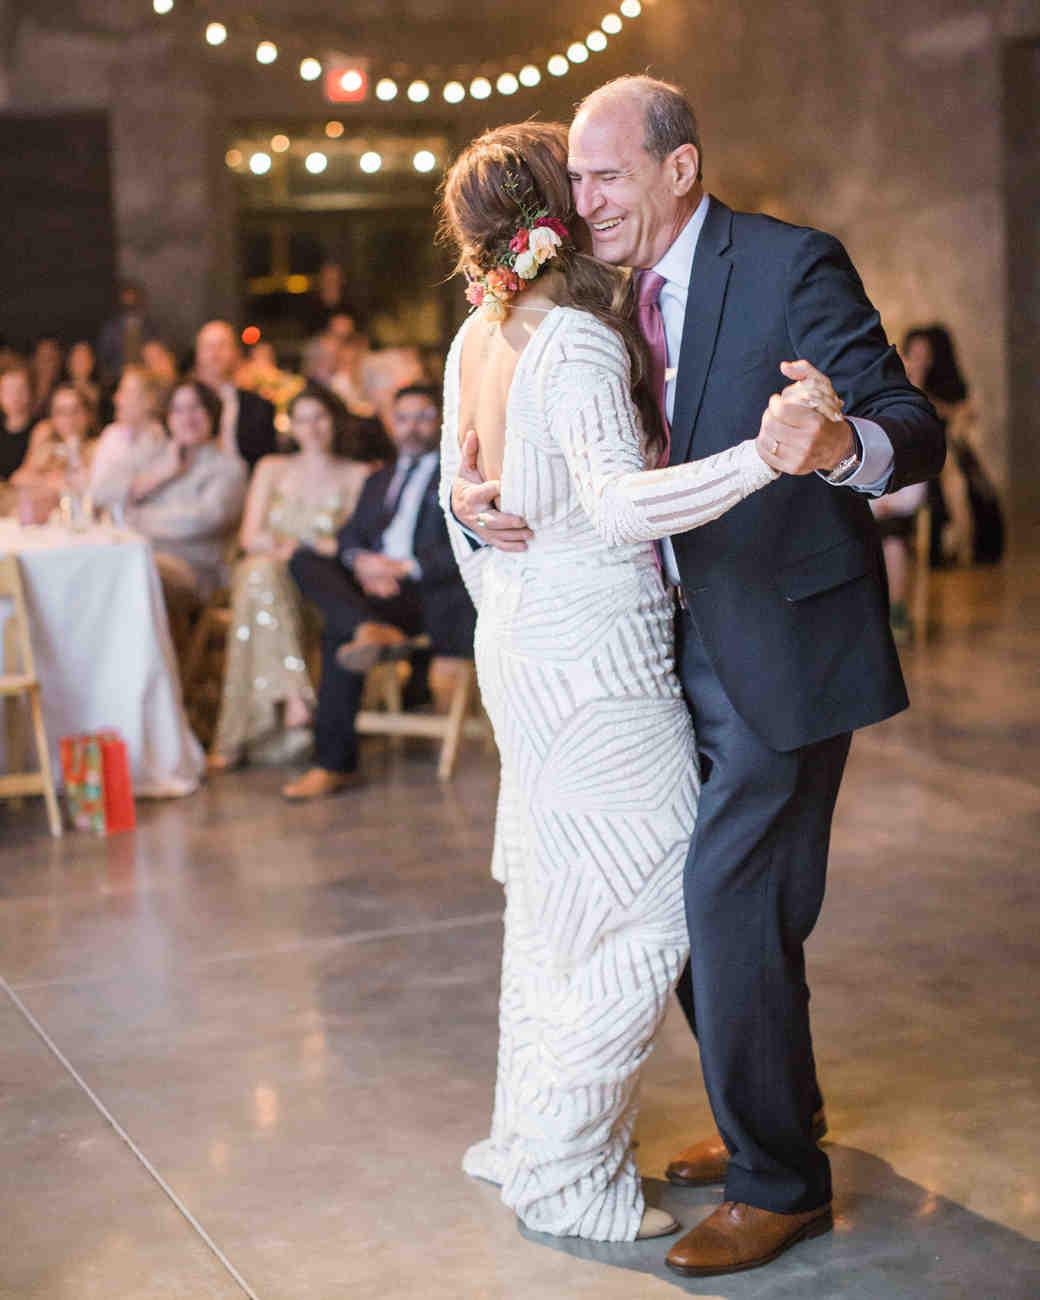 lara-chad-wedding-daddance-735-s112306-1115.jpg